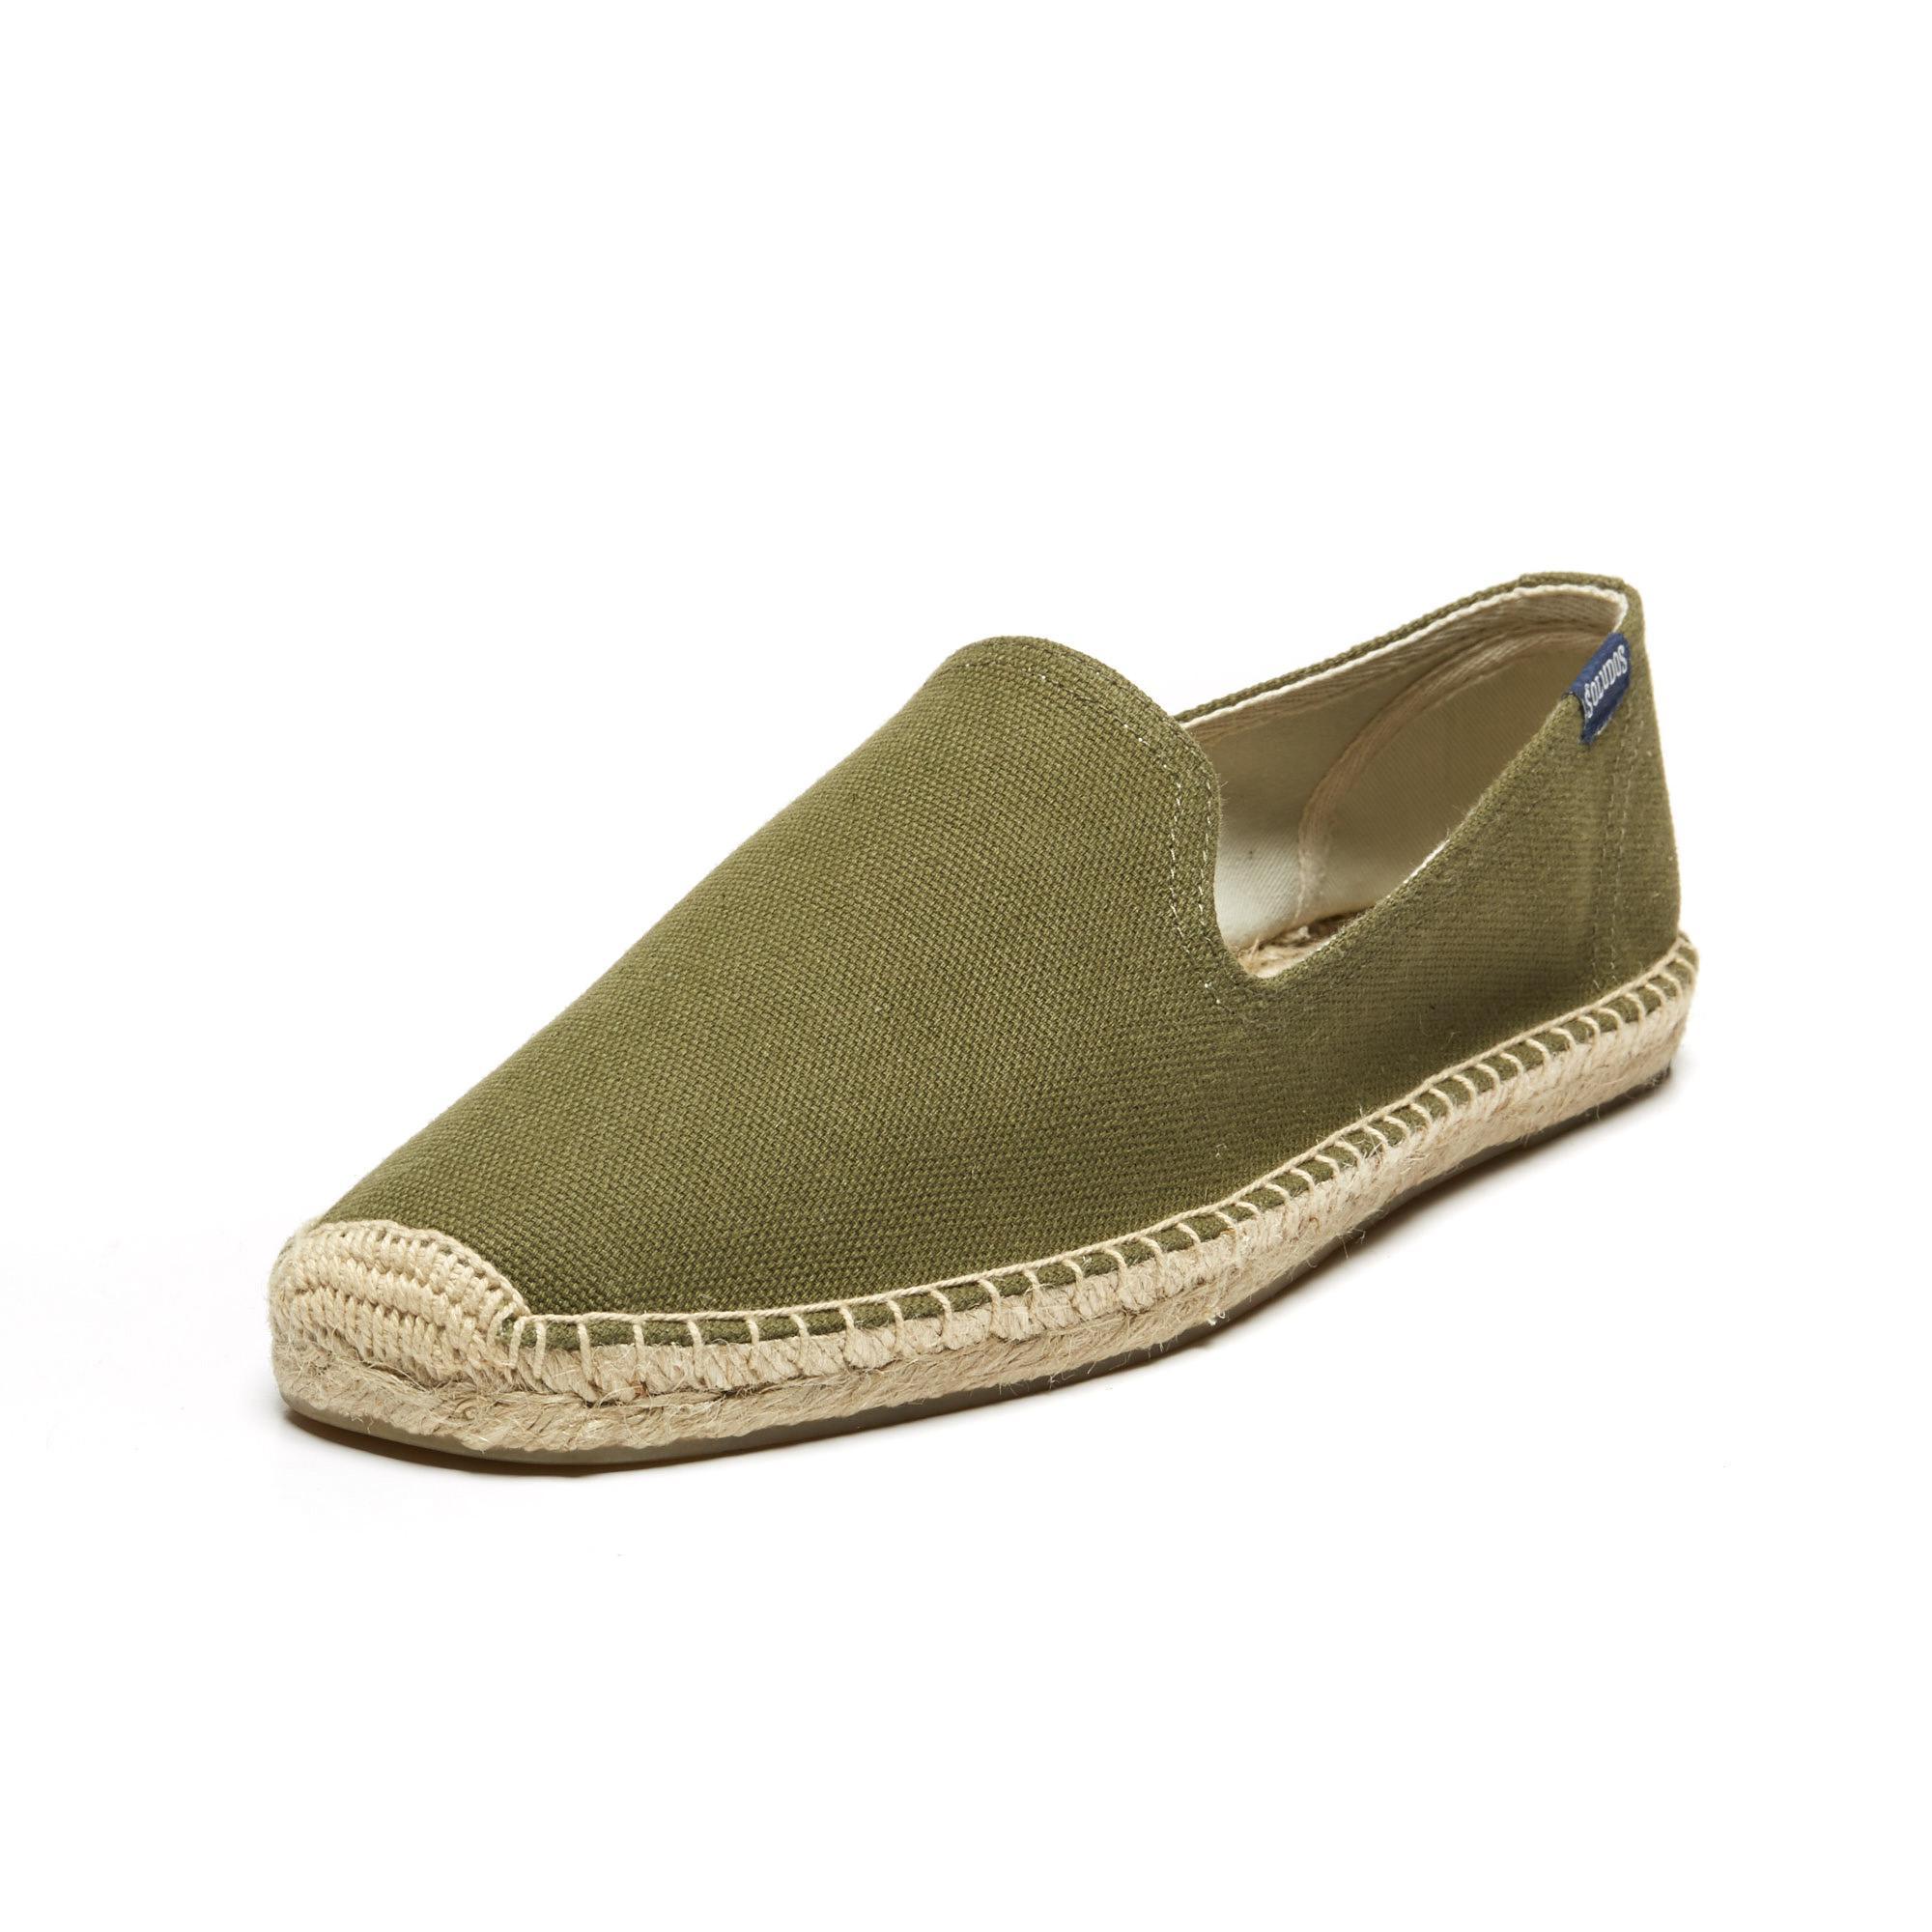 The Tassel Slipper Shoes Mens